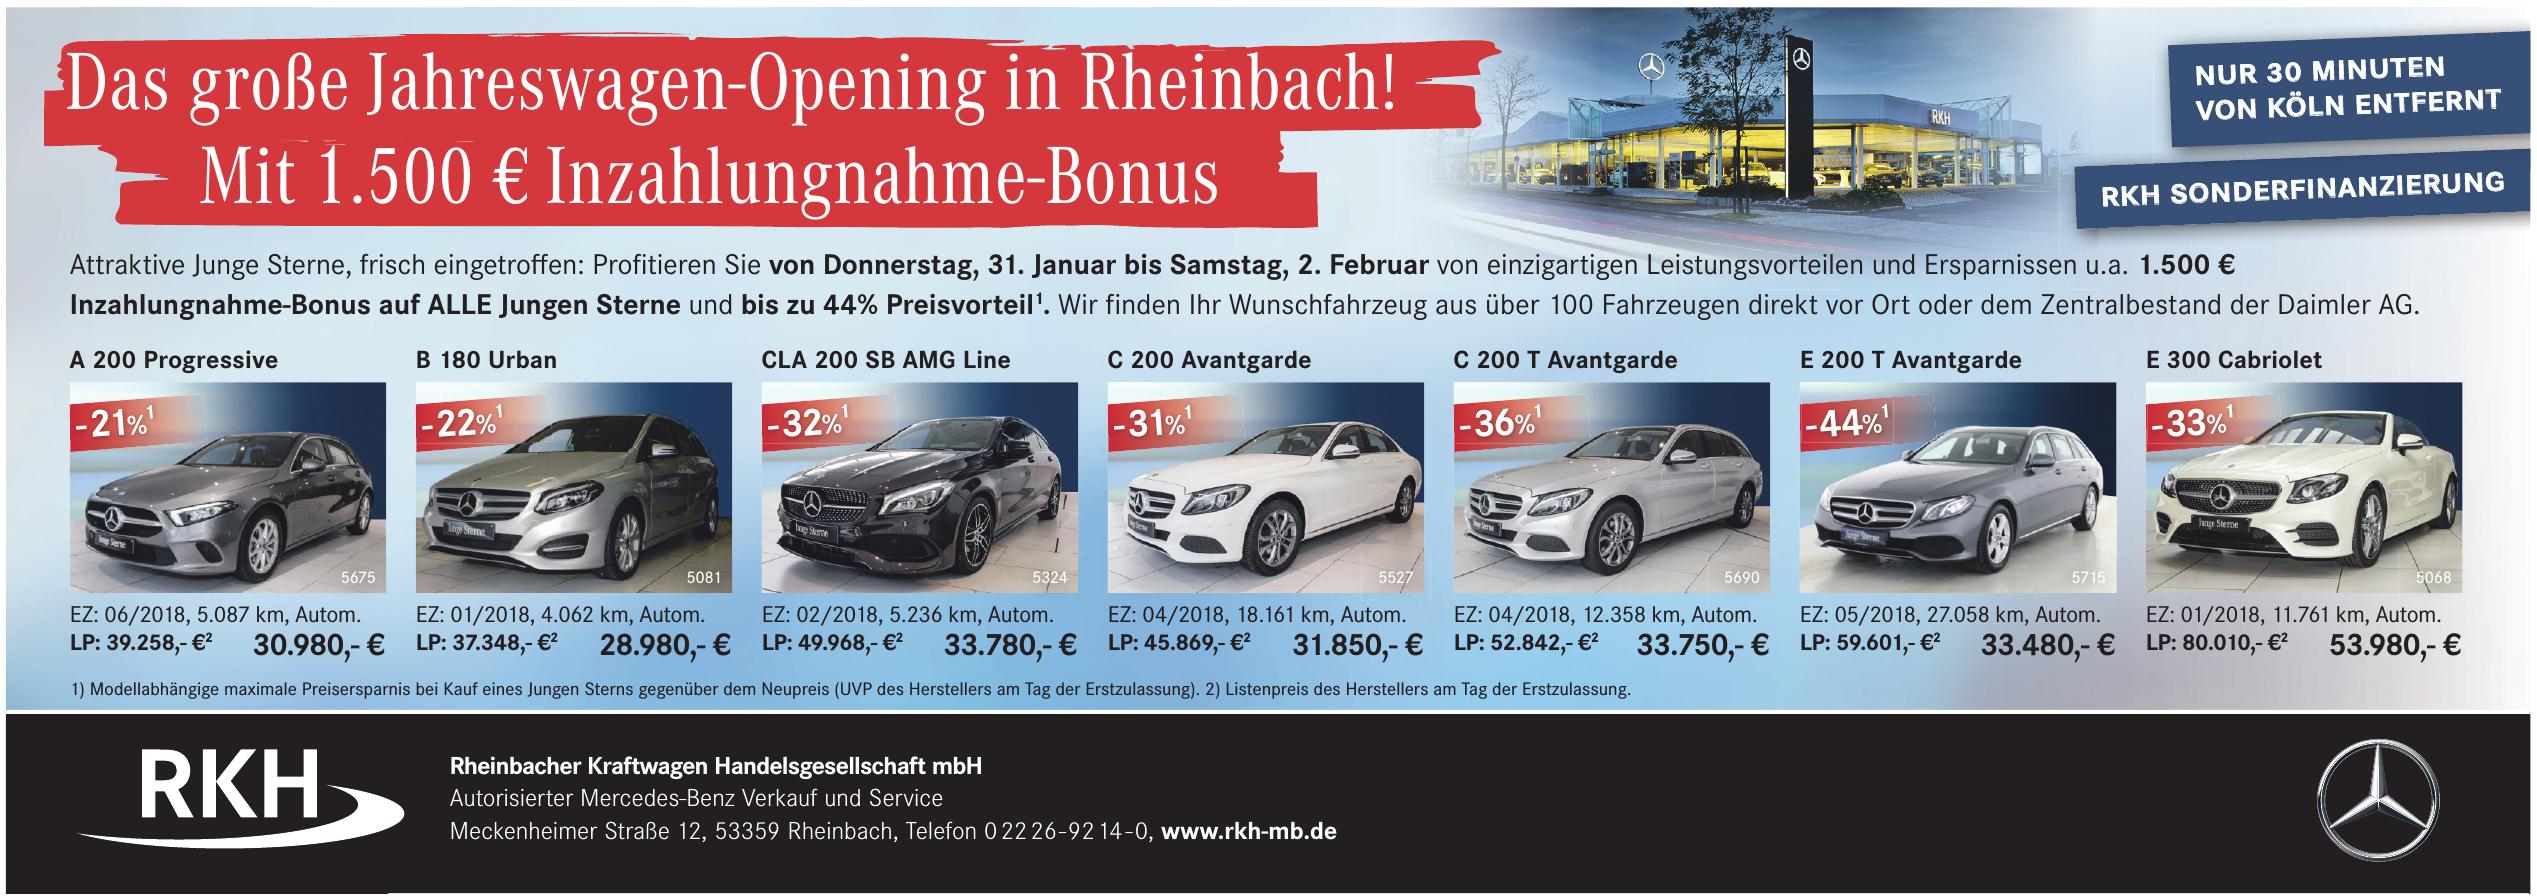 Rheinbacher Kraftwagen Handelsgesellschaft mbH